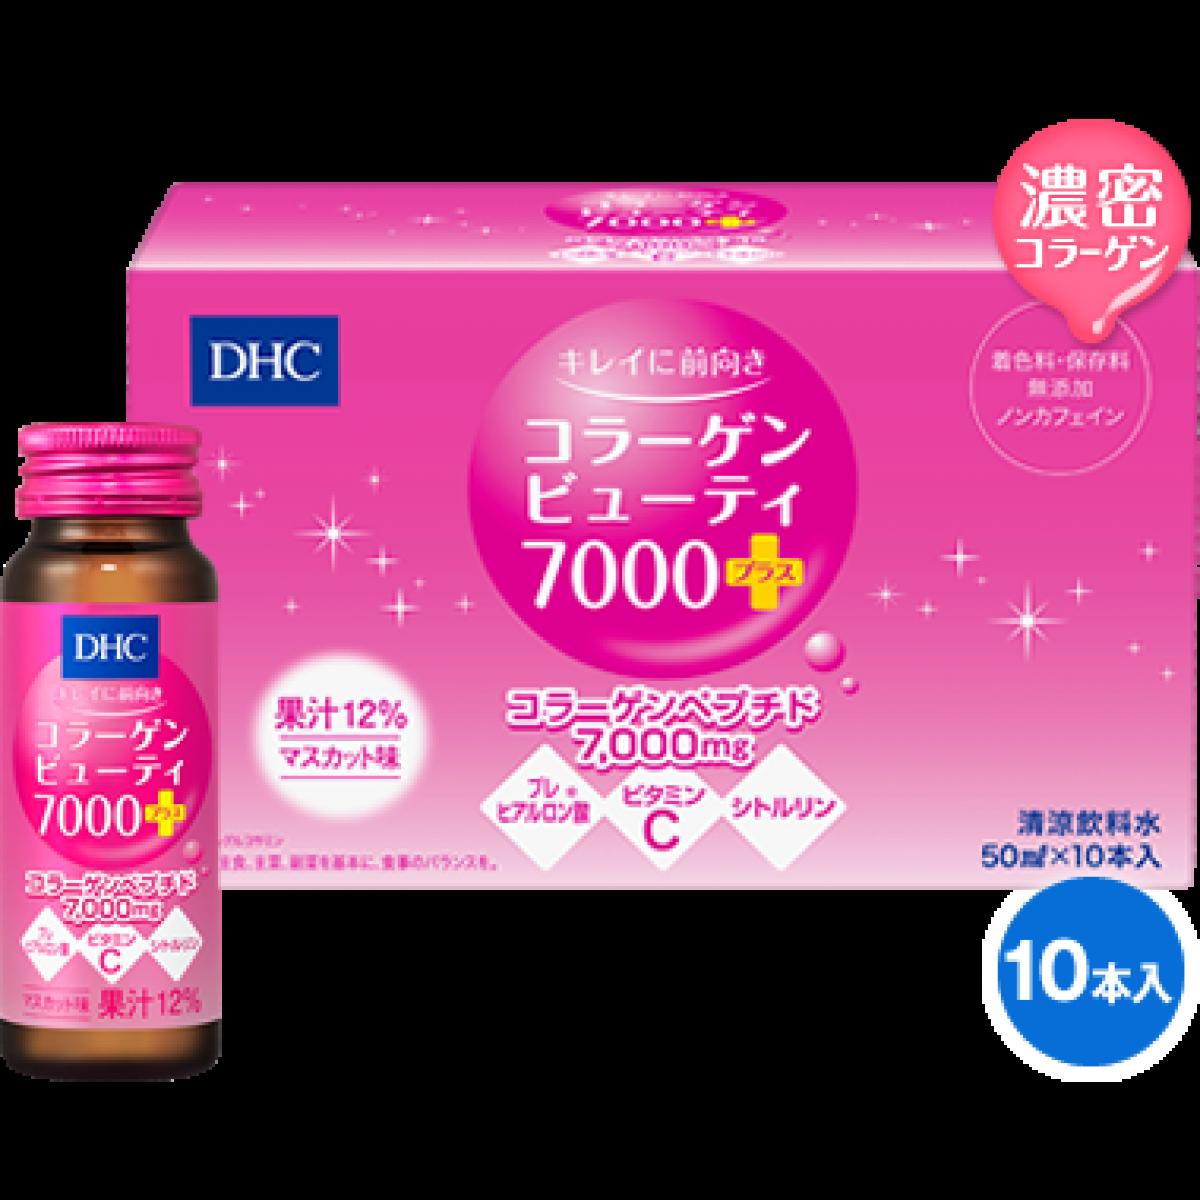 Nước uống collagen beauty DHC 7000 mg Nhật Bản